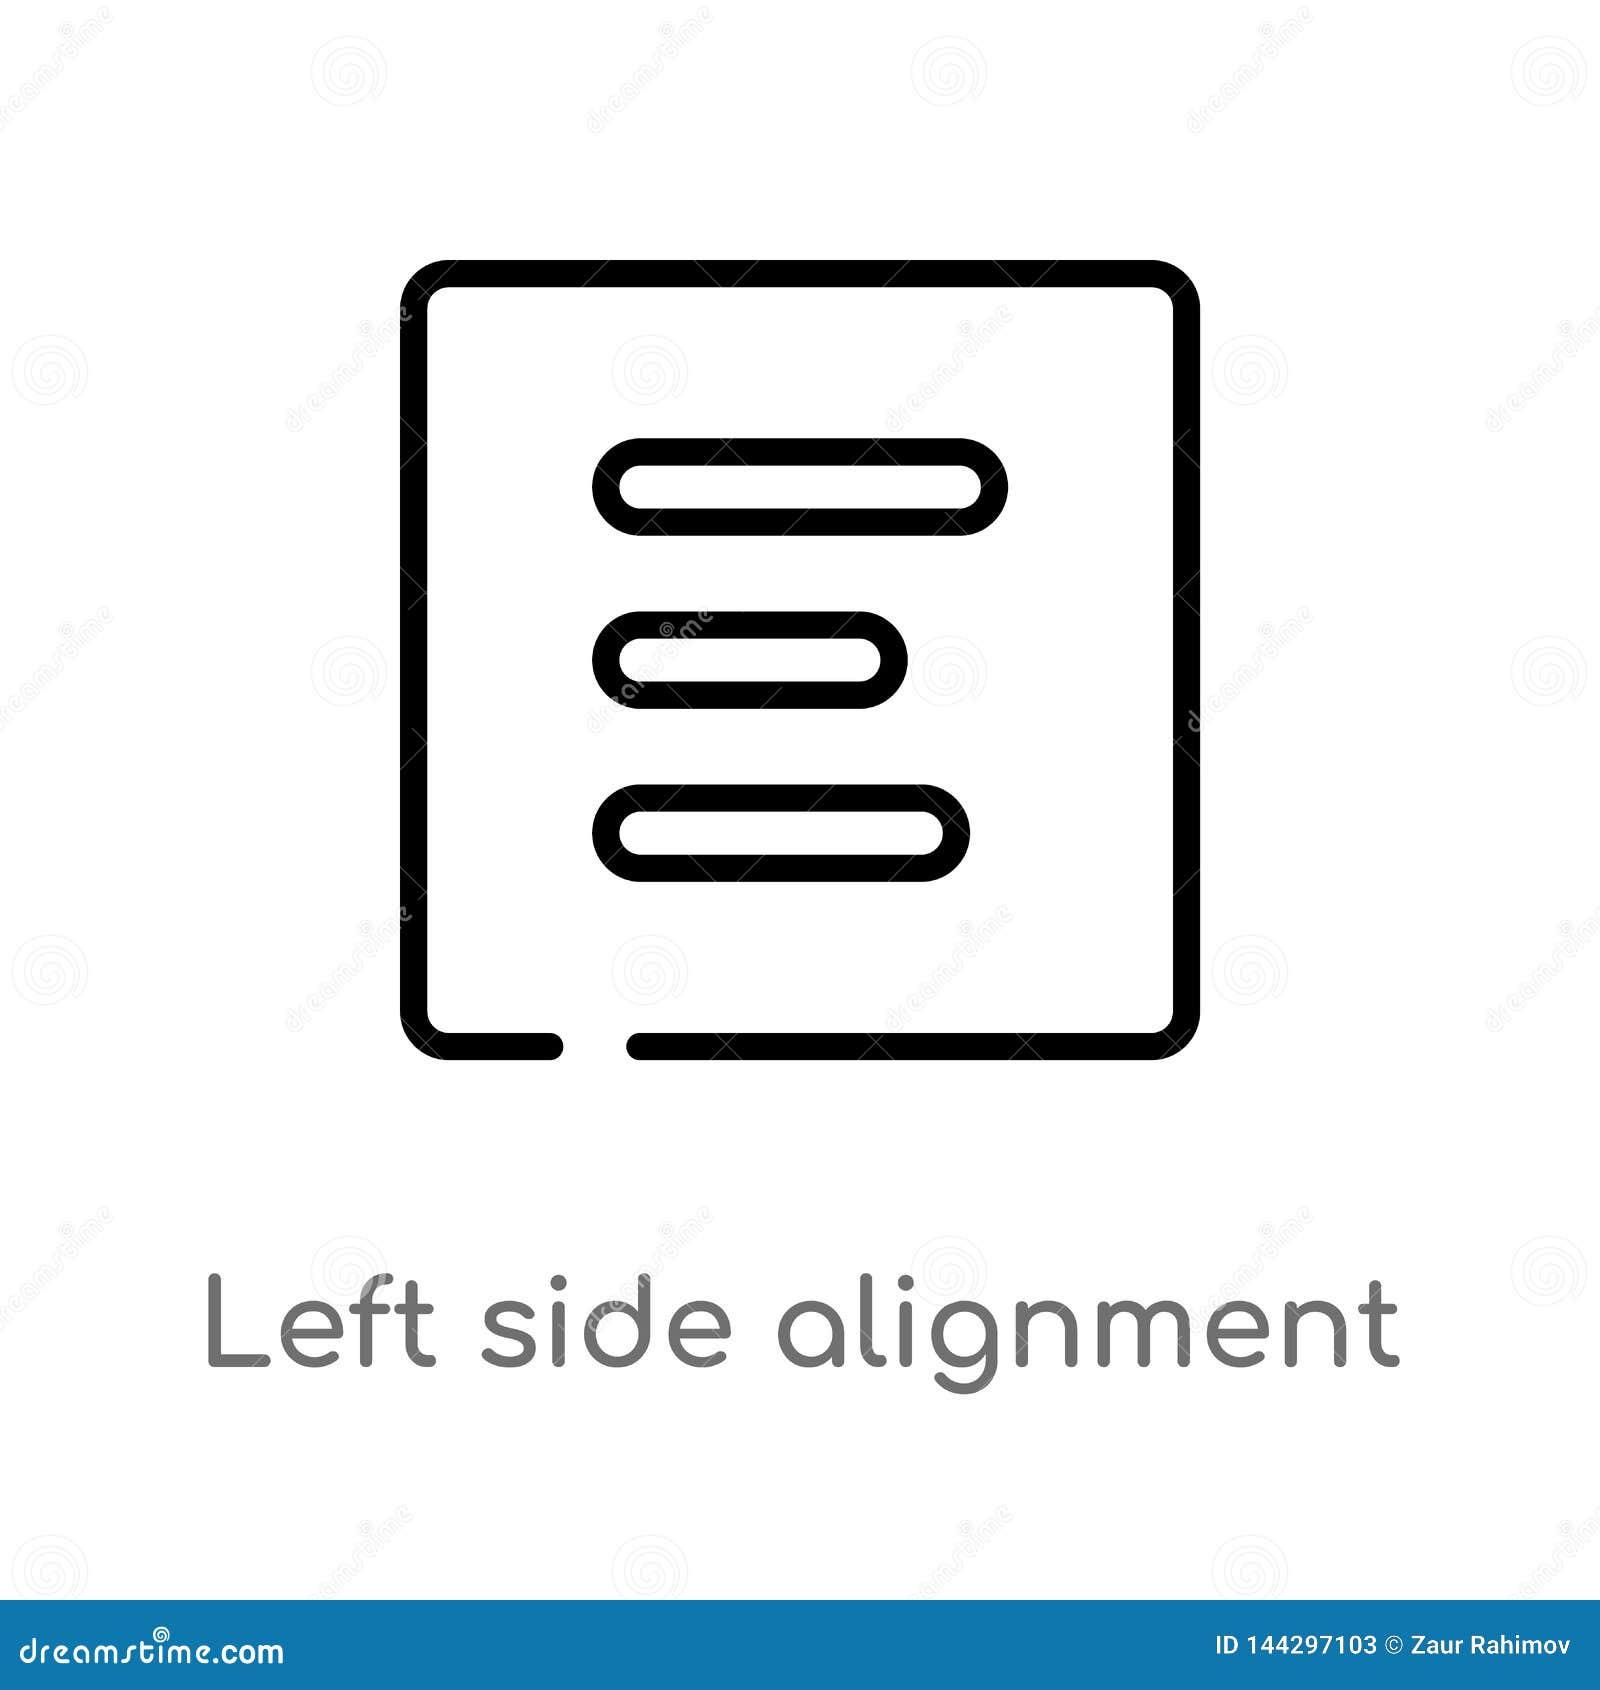 O esboço saiu do ícone do vetor do alinhamento lateral linha simples preta isolada ilustração do elemento do conceito da interfac